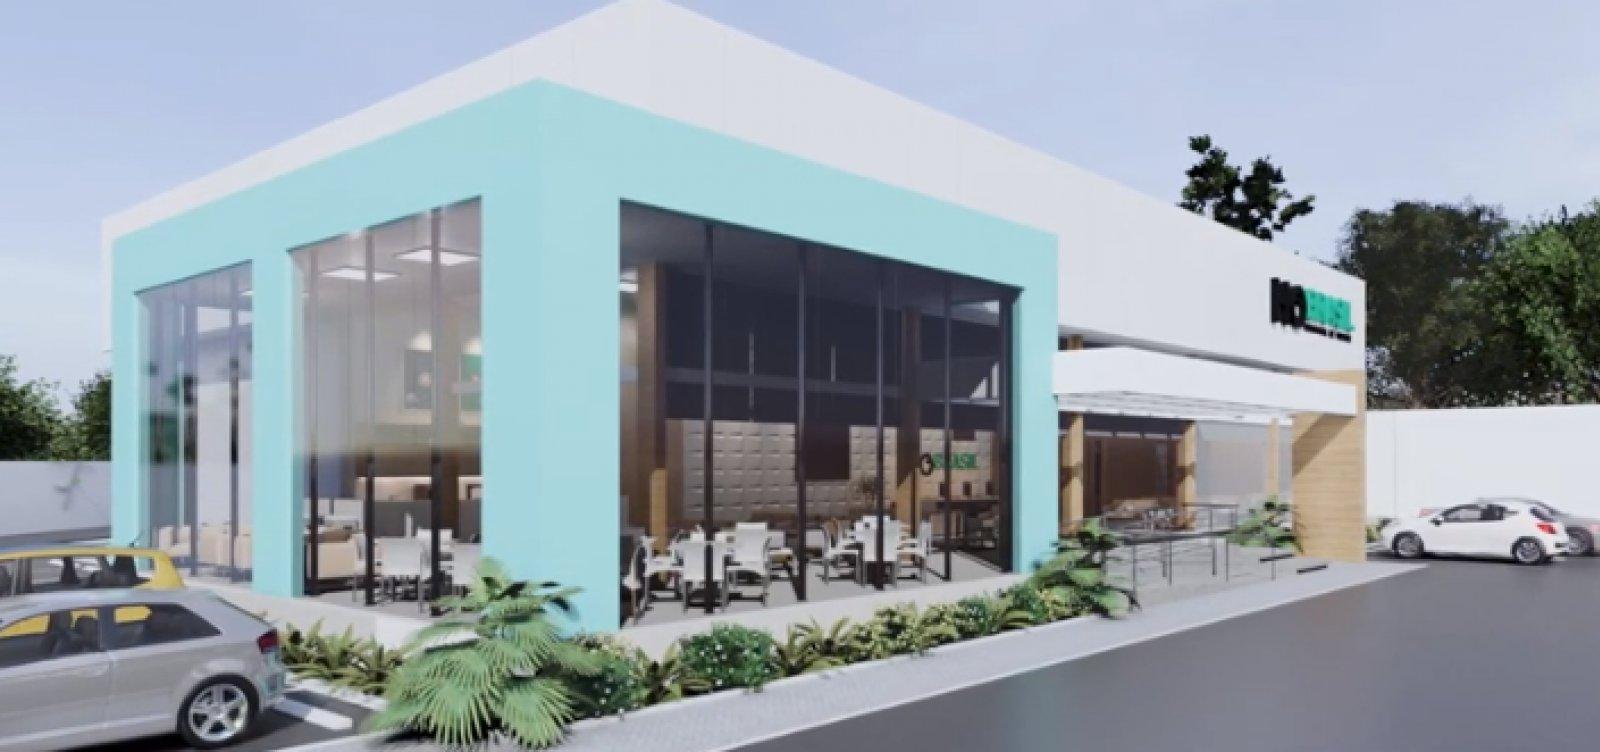 Centro cirúrgico de oftalmologia será inaugurado em Salvador em dezembro